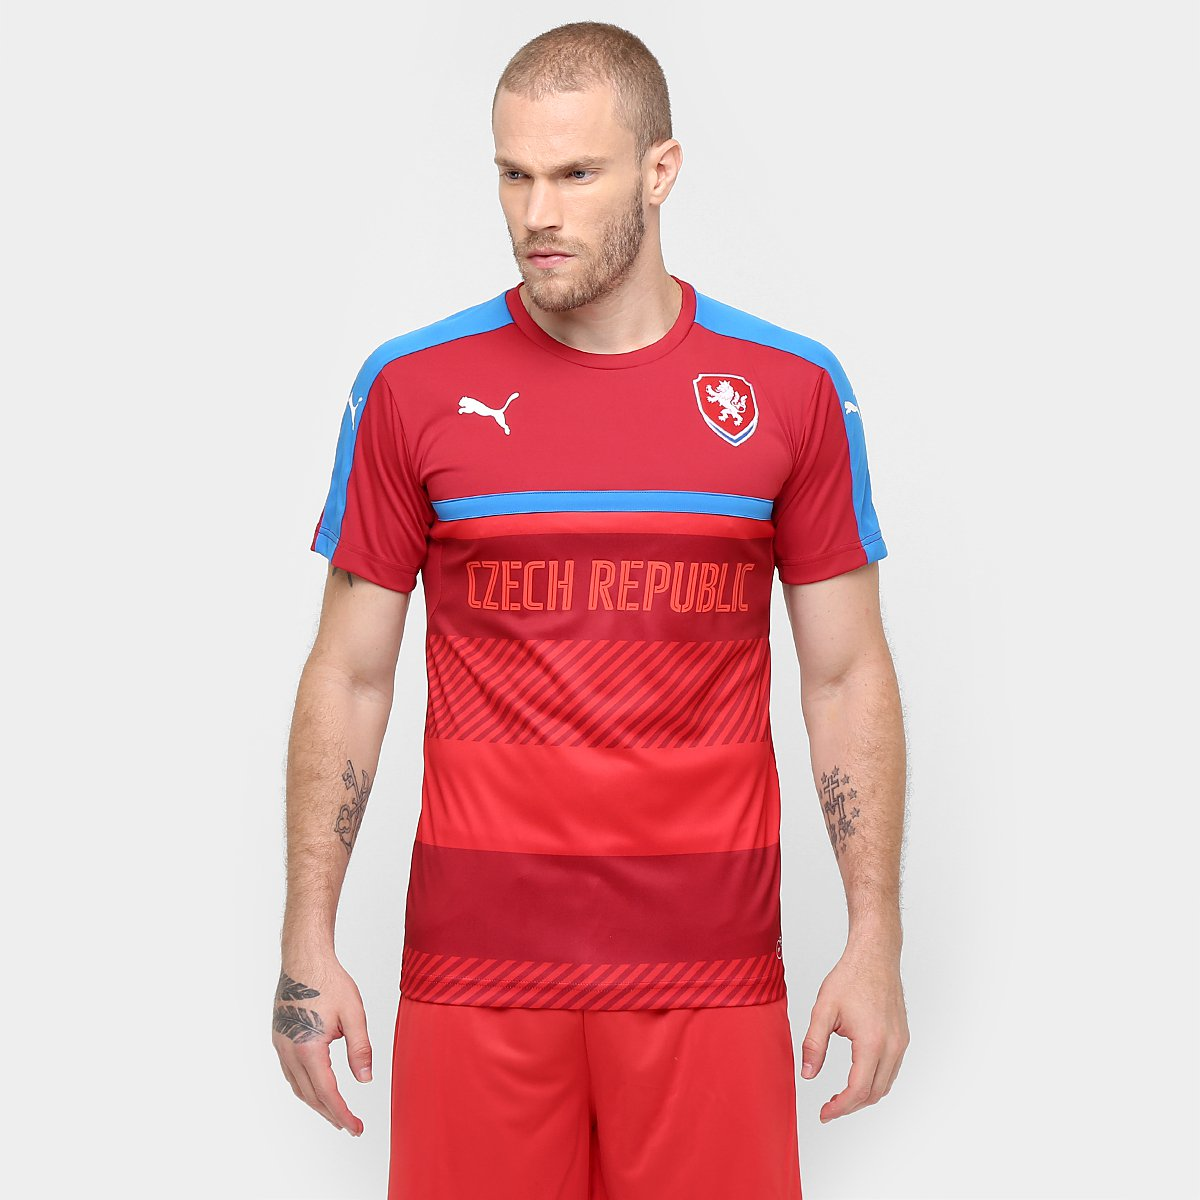 ea9d2315a9 Camisa Treino Seleção República Tcheca 2016 - Torcedor Puma Masculino -  Compre Agora